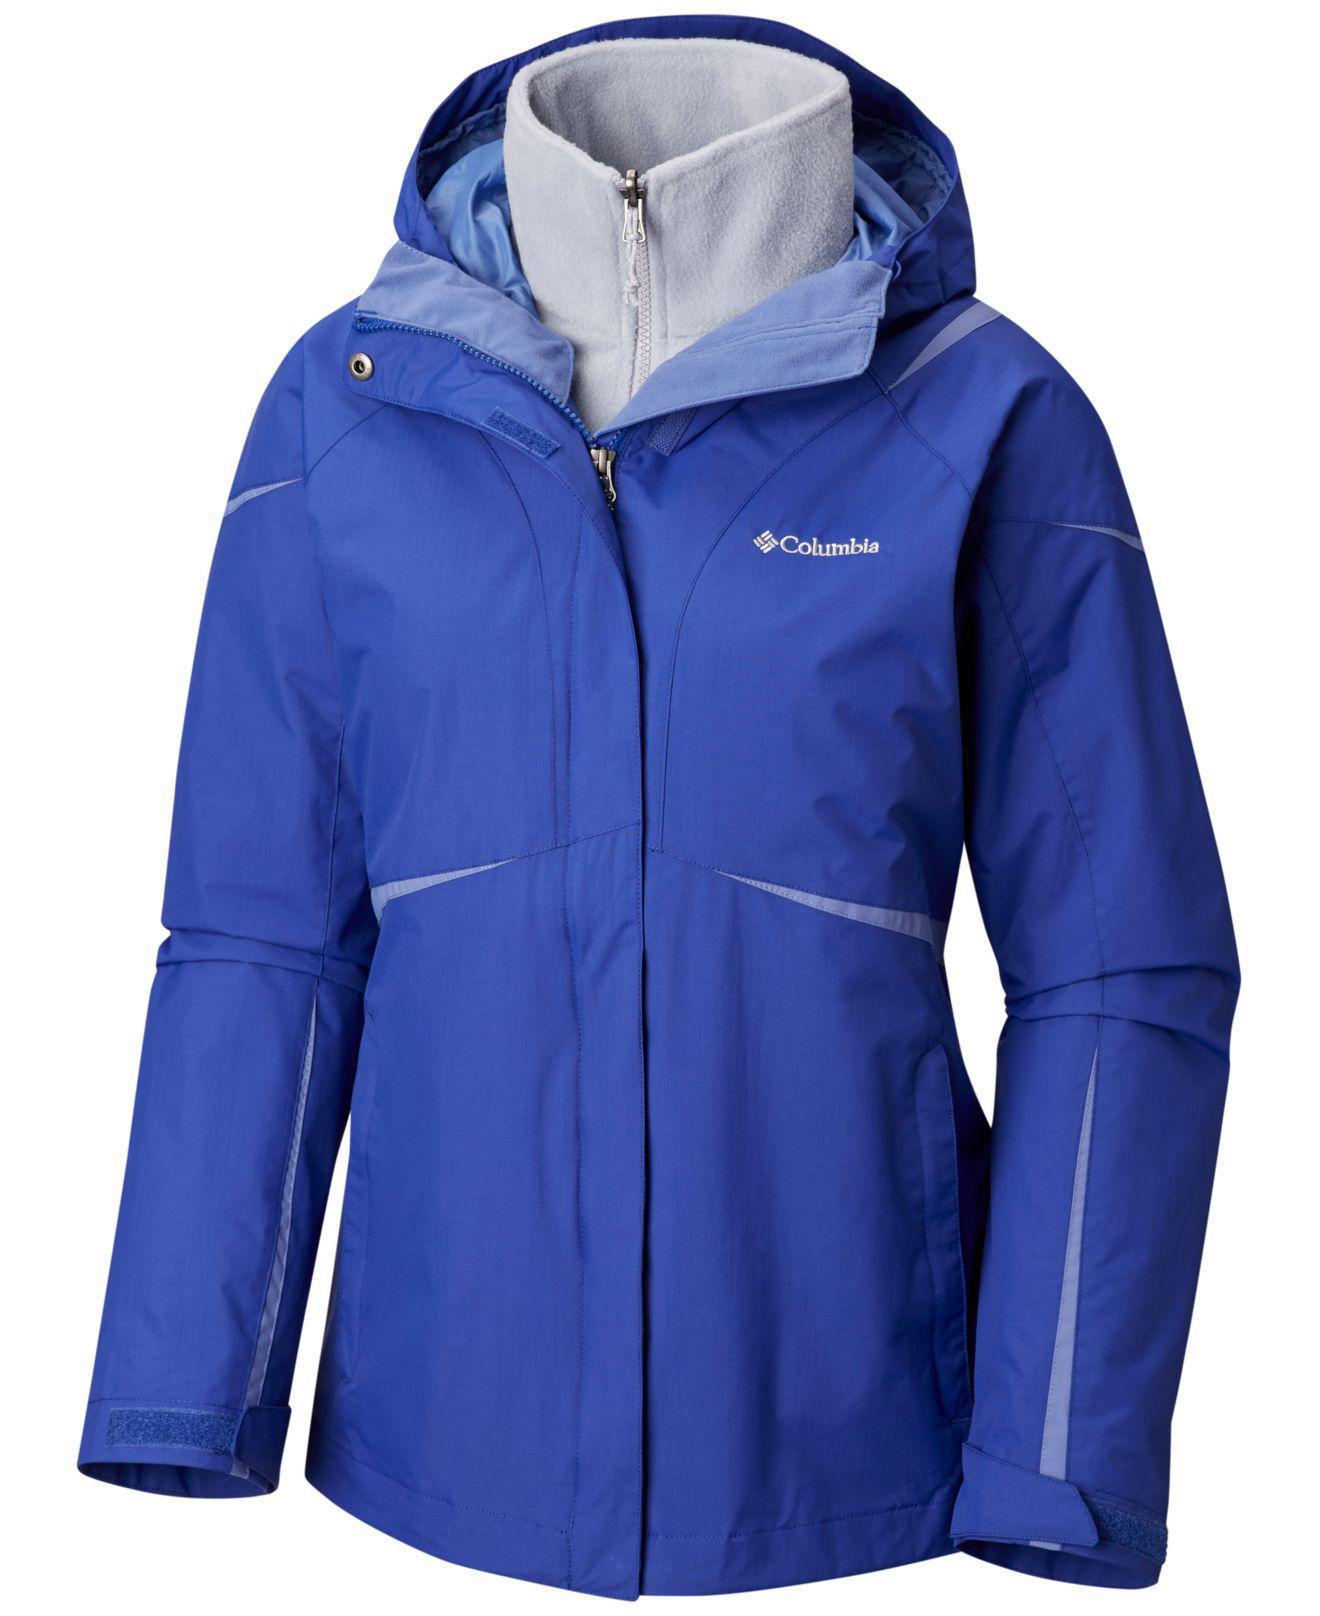 Columbia Blazing Startm Waterproof Fleece-lined Jacket in ...